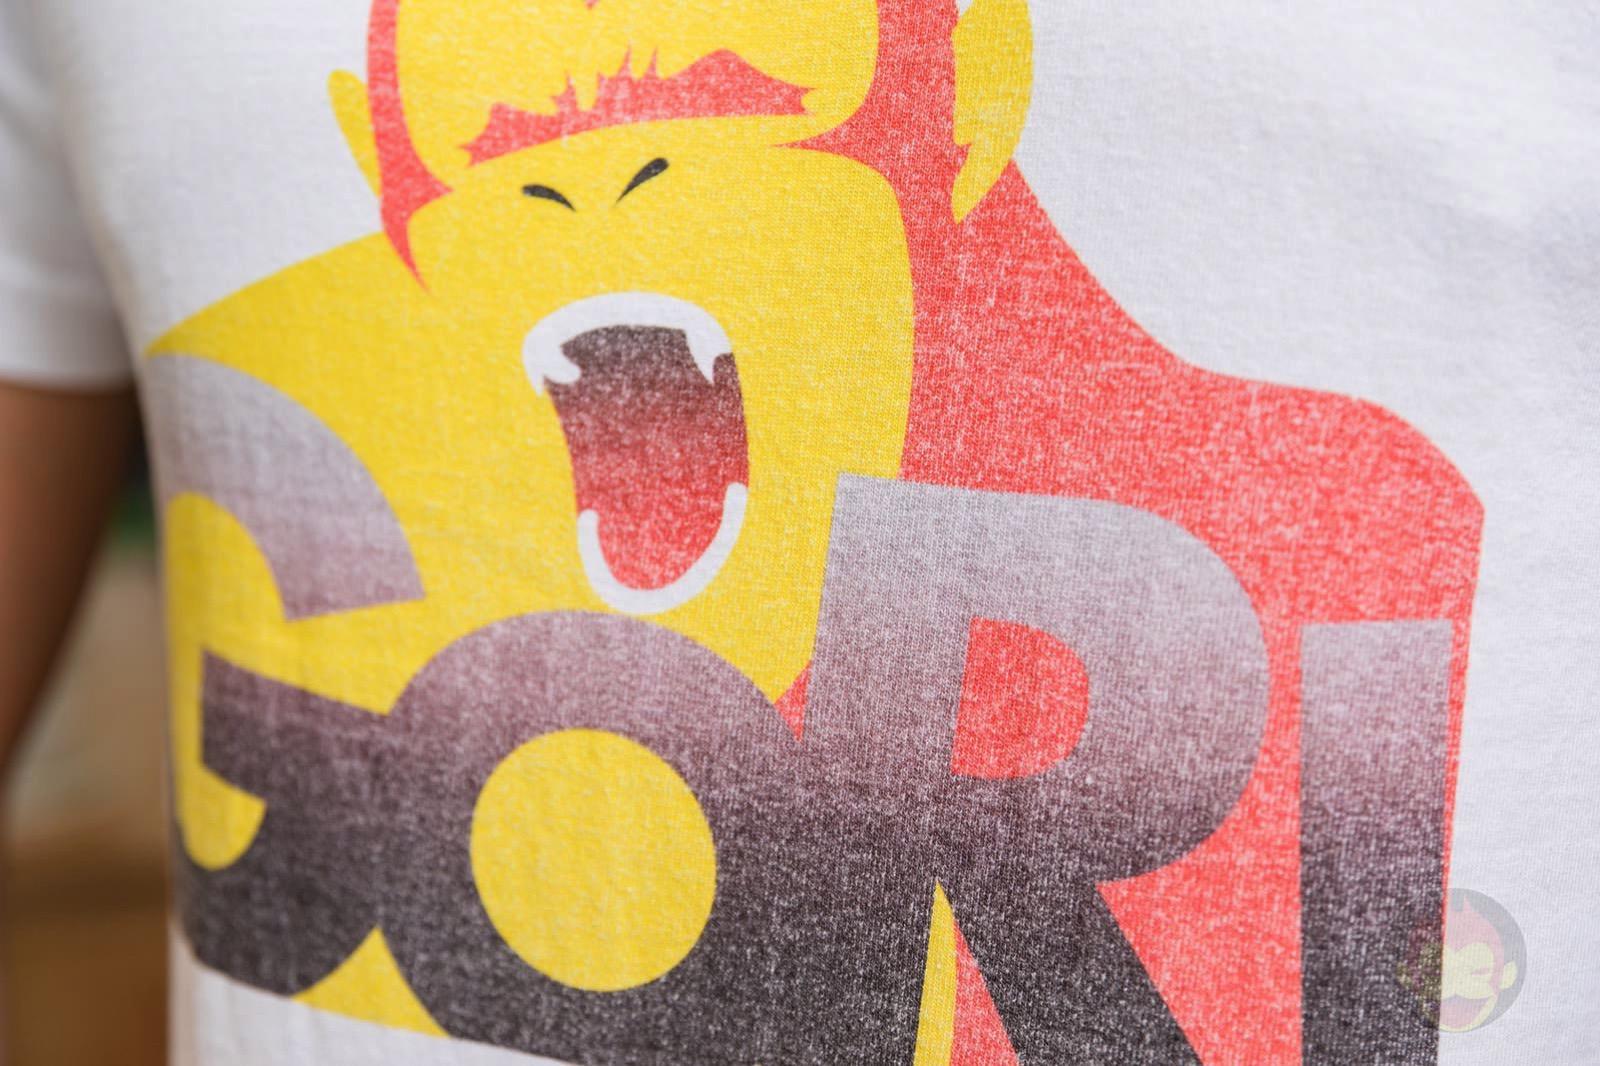 Original-Tshirt-ST-PR-27.jpg